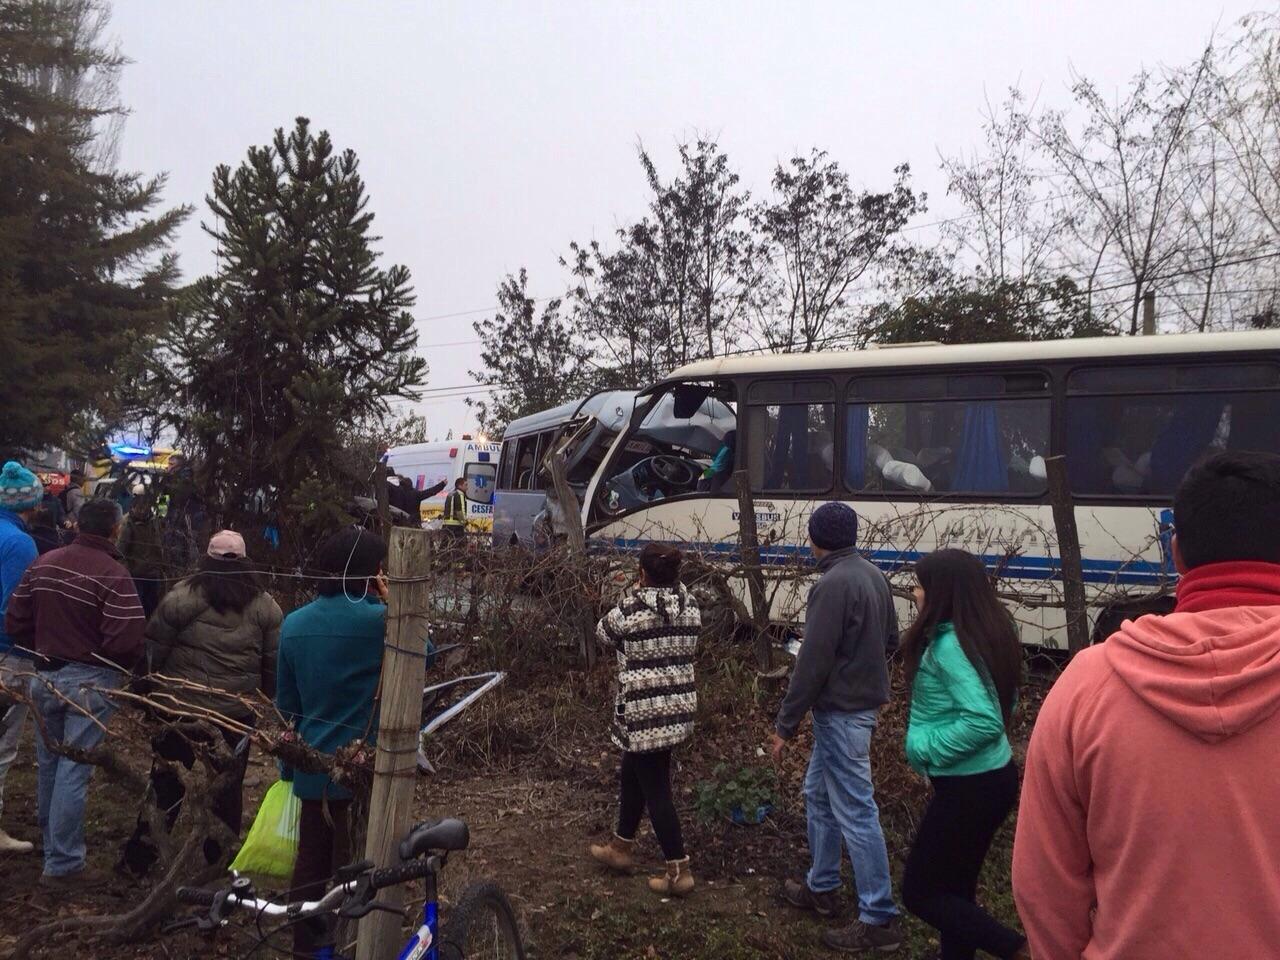 A cuatro aumentan los muertos tras choque frontal de minibuses en Sagrada Familia